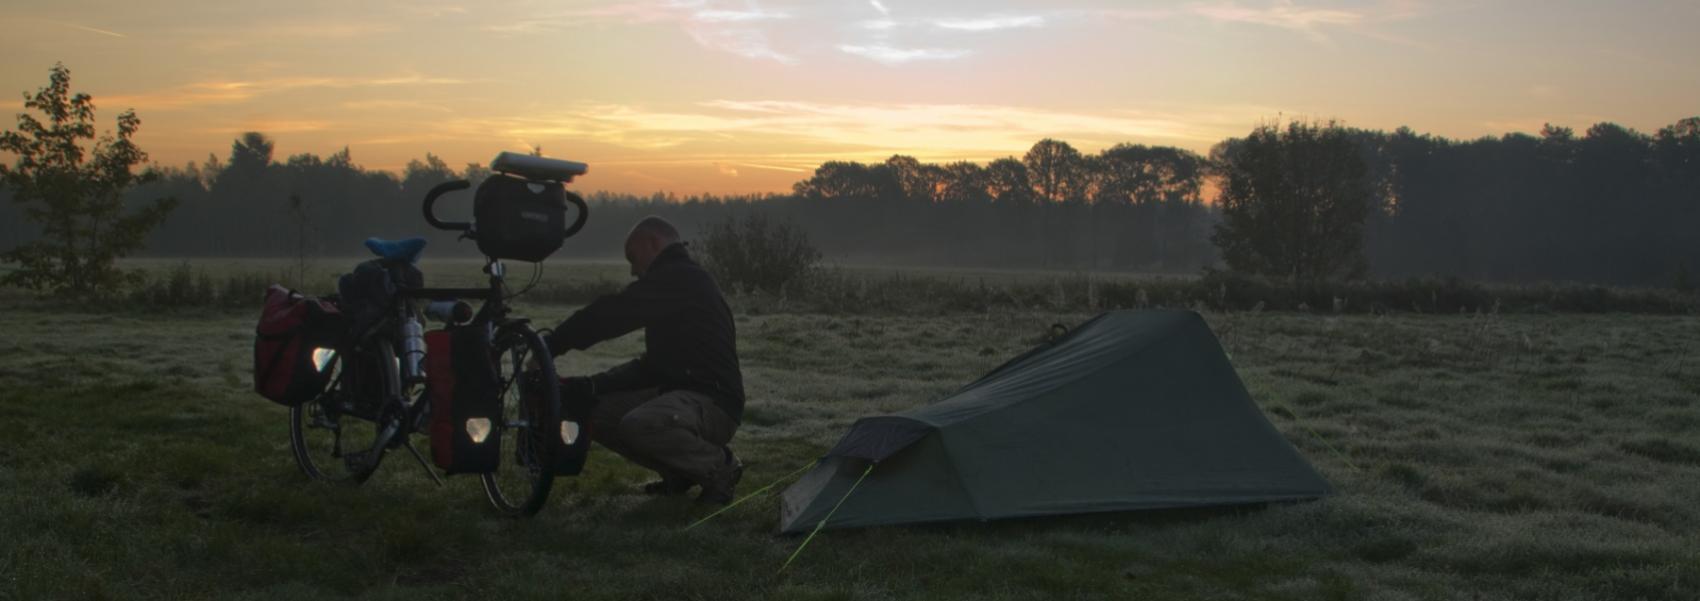 fietser bij zijn tent bij zonsondergang